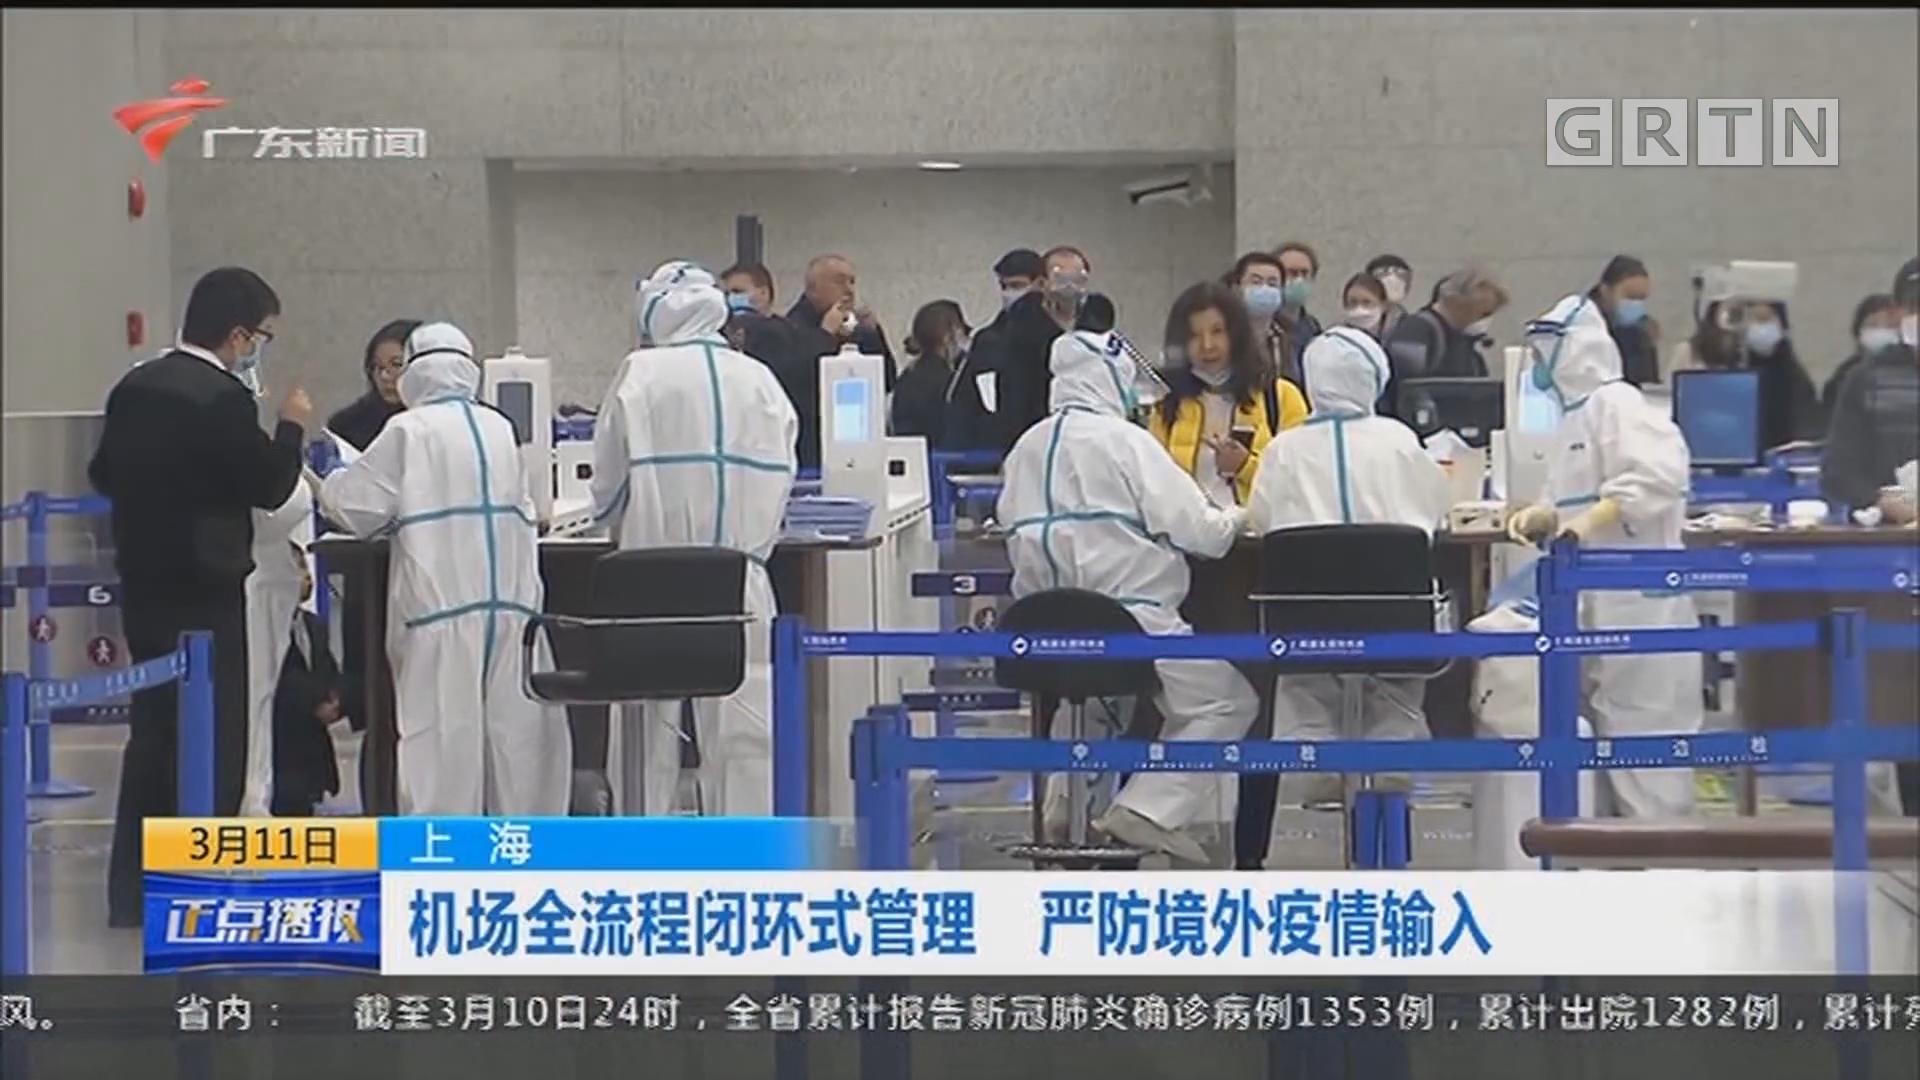 上海:机场全流程闭环式管理 严防境外疫情输入